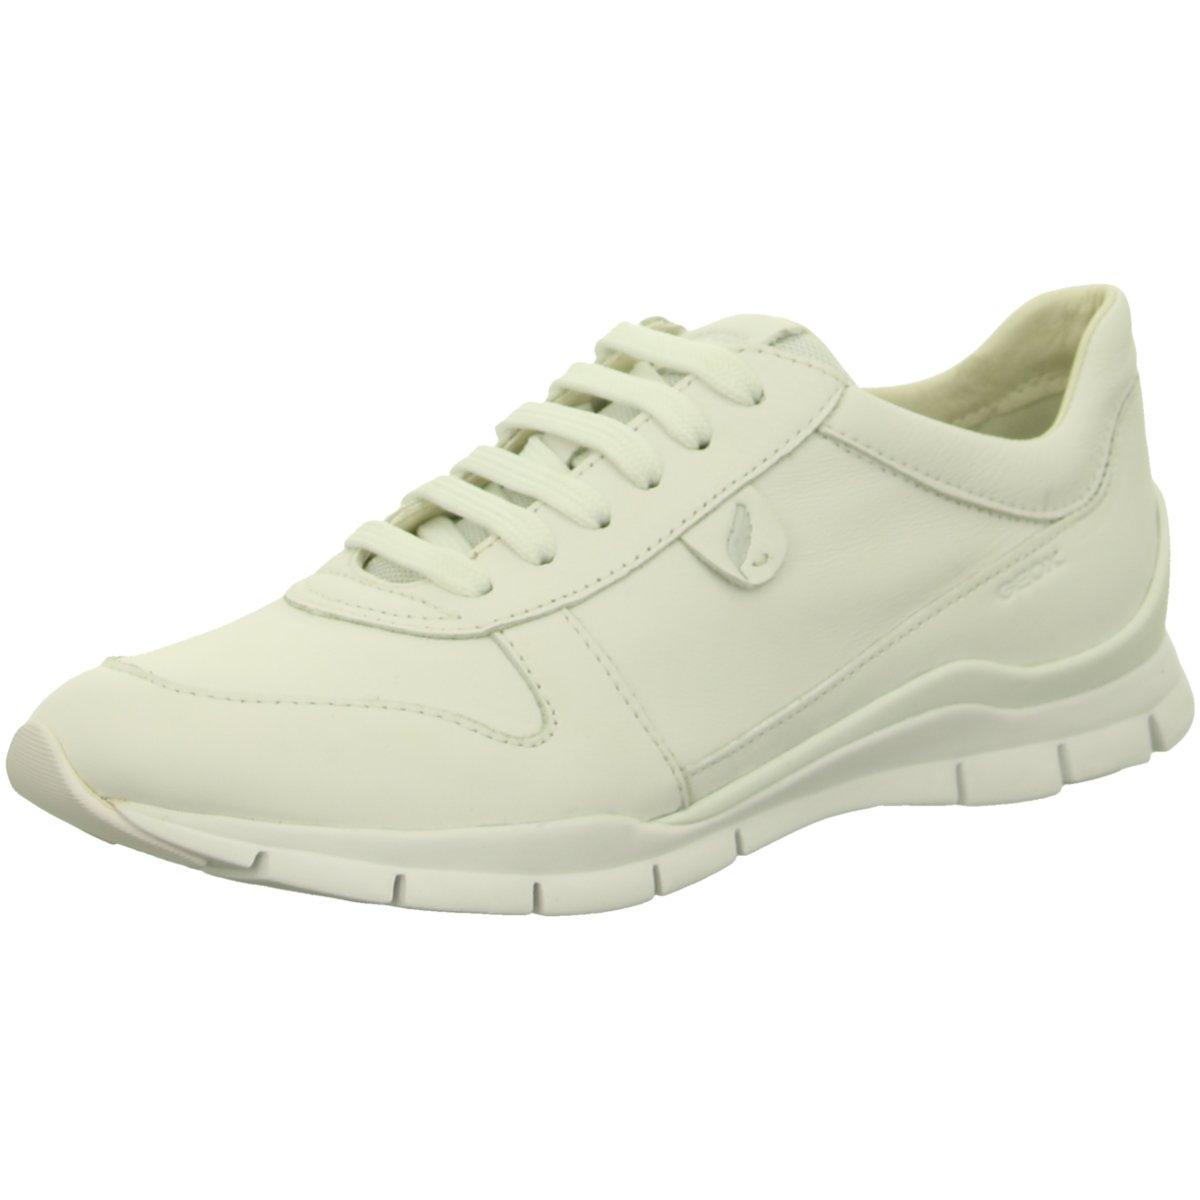 NEU Geox Damen Sneaker D SUKIE B - NBPPB D52F2B-00085/C1001 weiß 219233